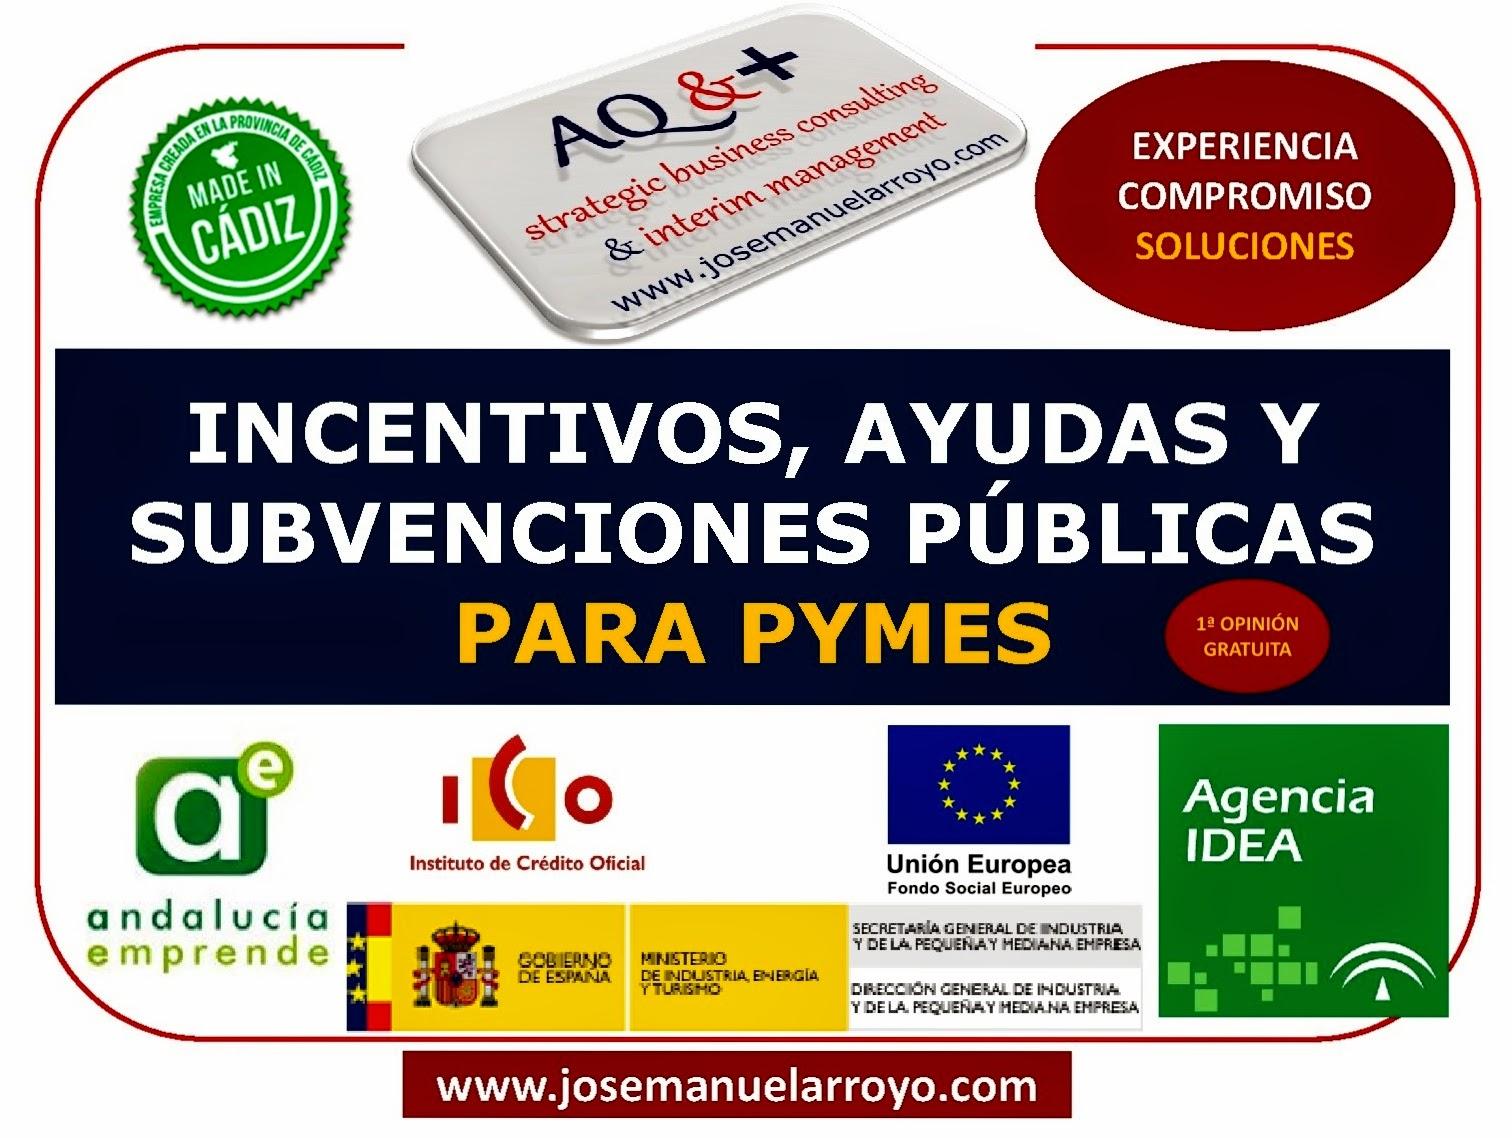 INCENTIVOS, AYUDAS Y SUBVENCIONES PÚBLICAS